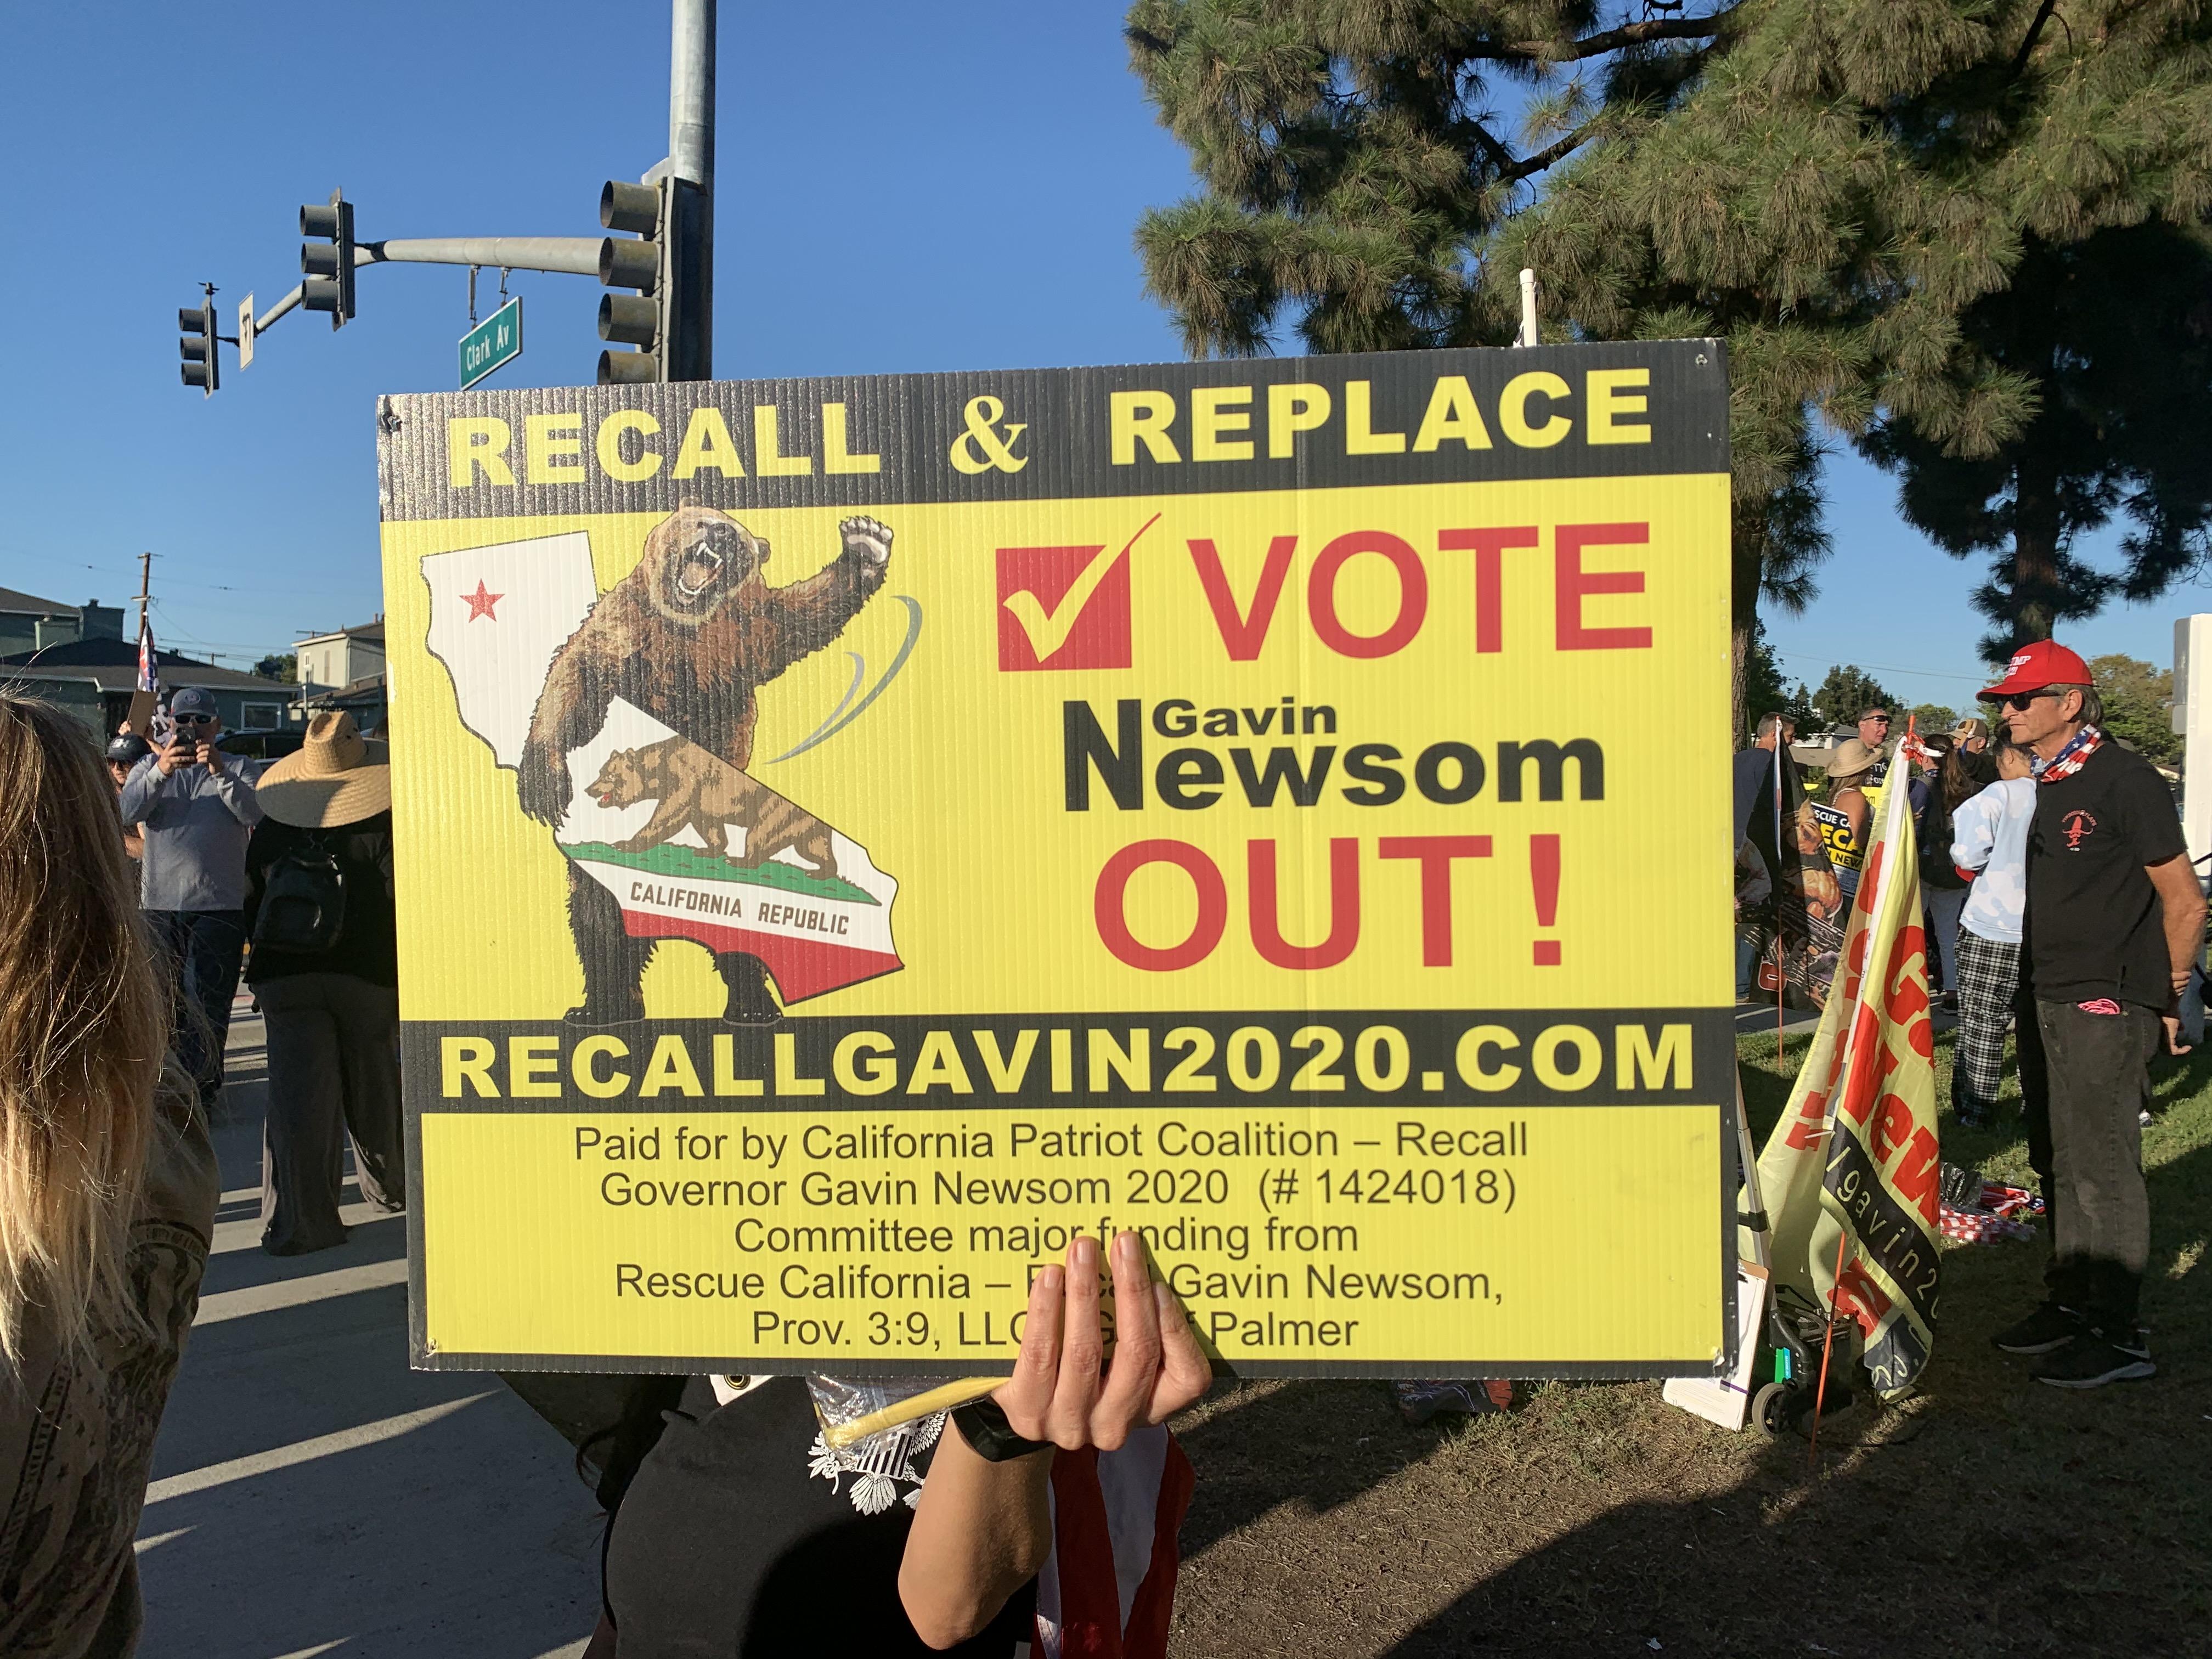 拜登抵加州 上千人沿途呼籲罷免紐森